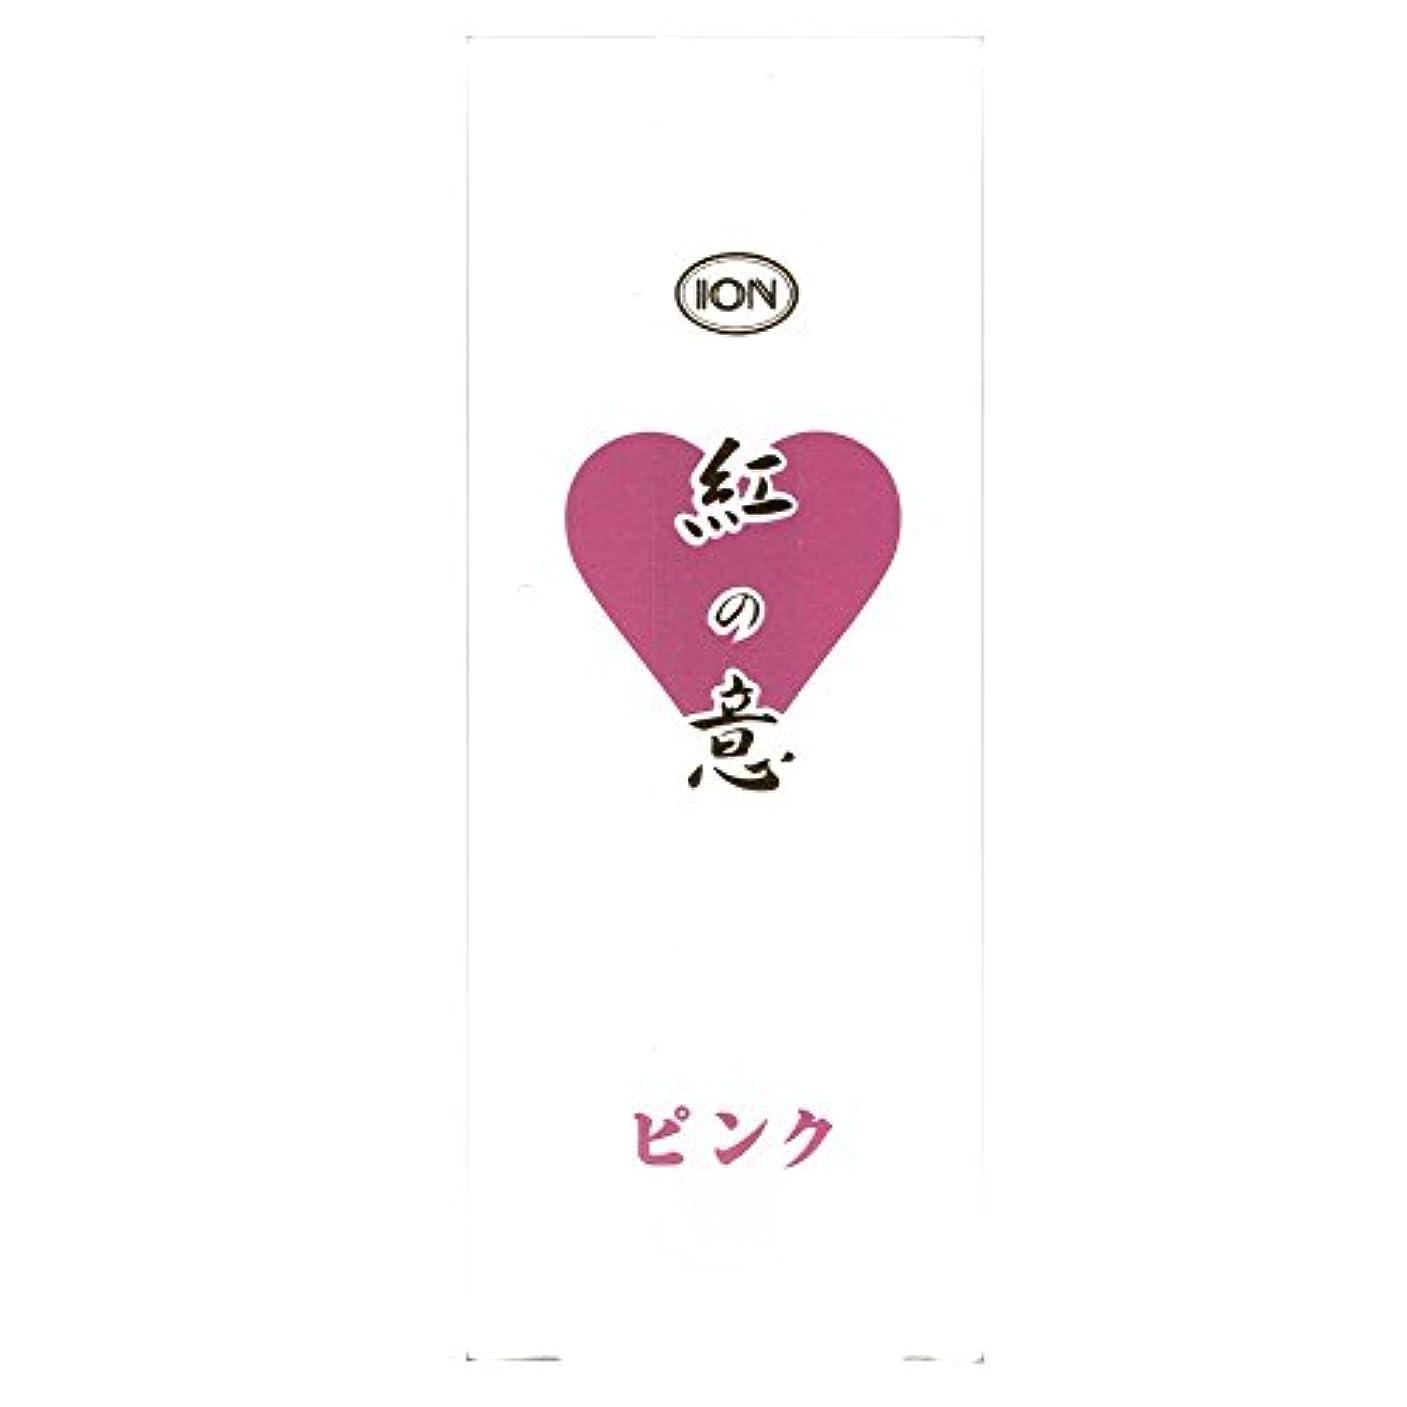 切り離す洗練経由でイオン化粧品 イオンカラークリーム (ピンク)